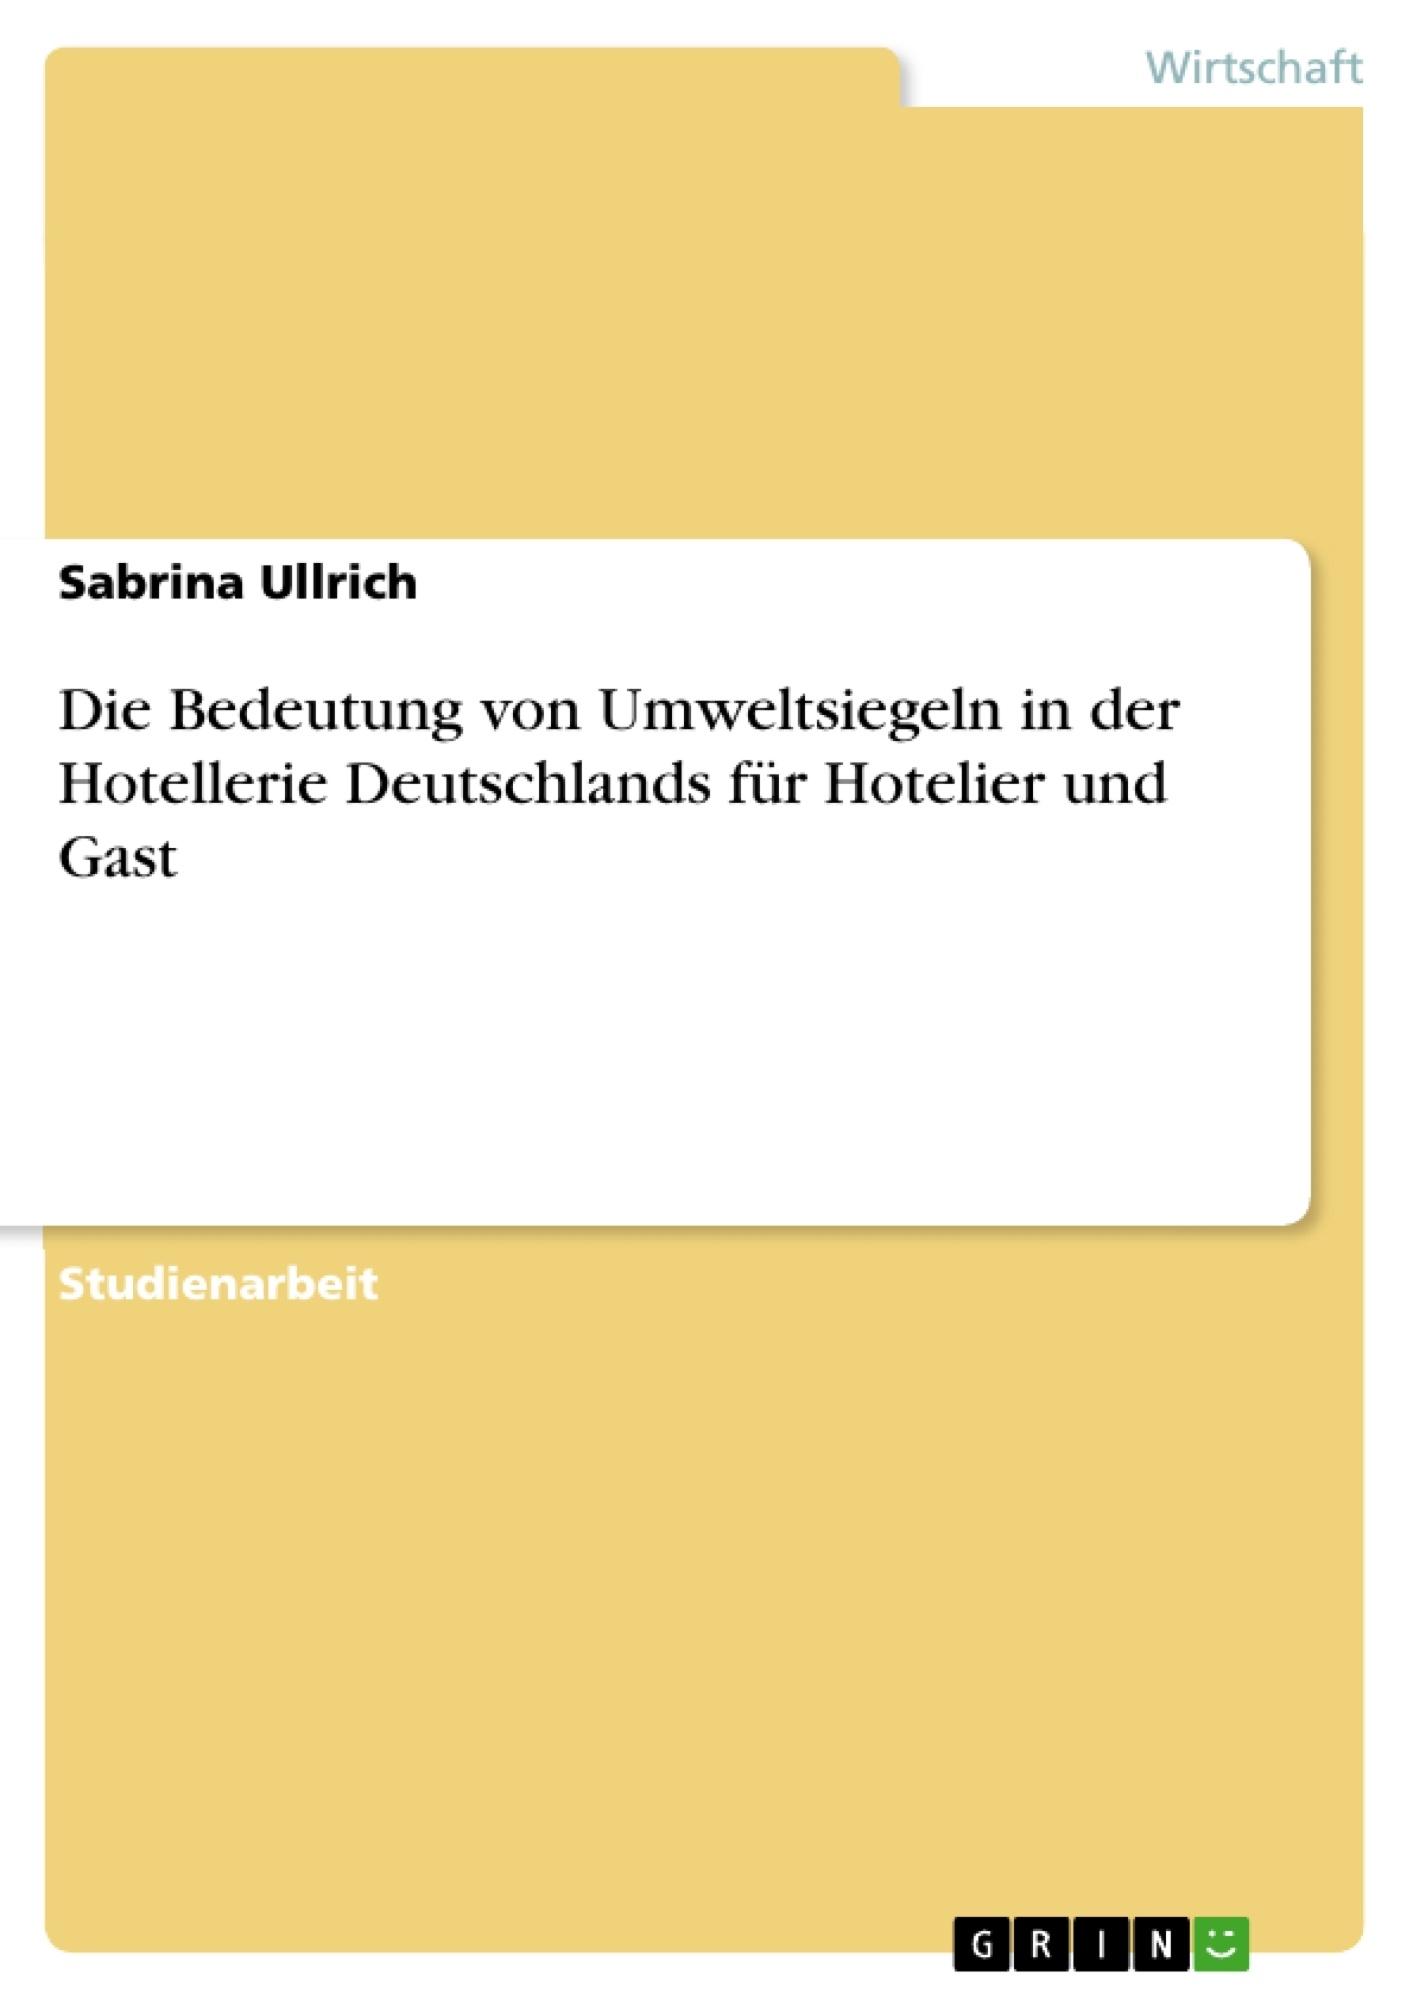 Titel: Die Bedeutung von Umweltsiegeln in der Hotellerie Deutschlands für Hotelier und Gast